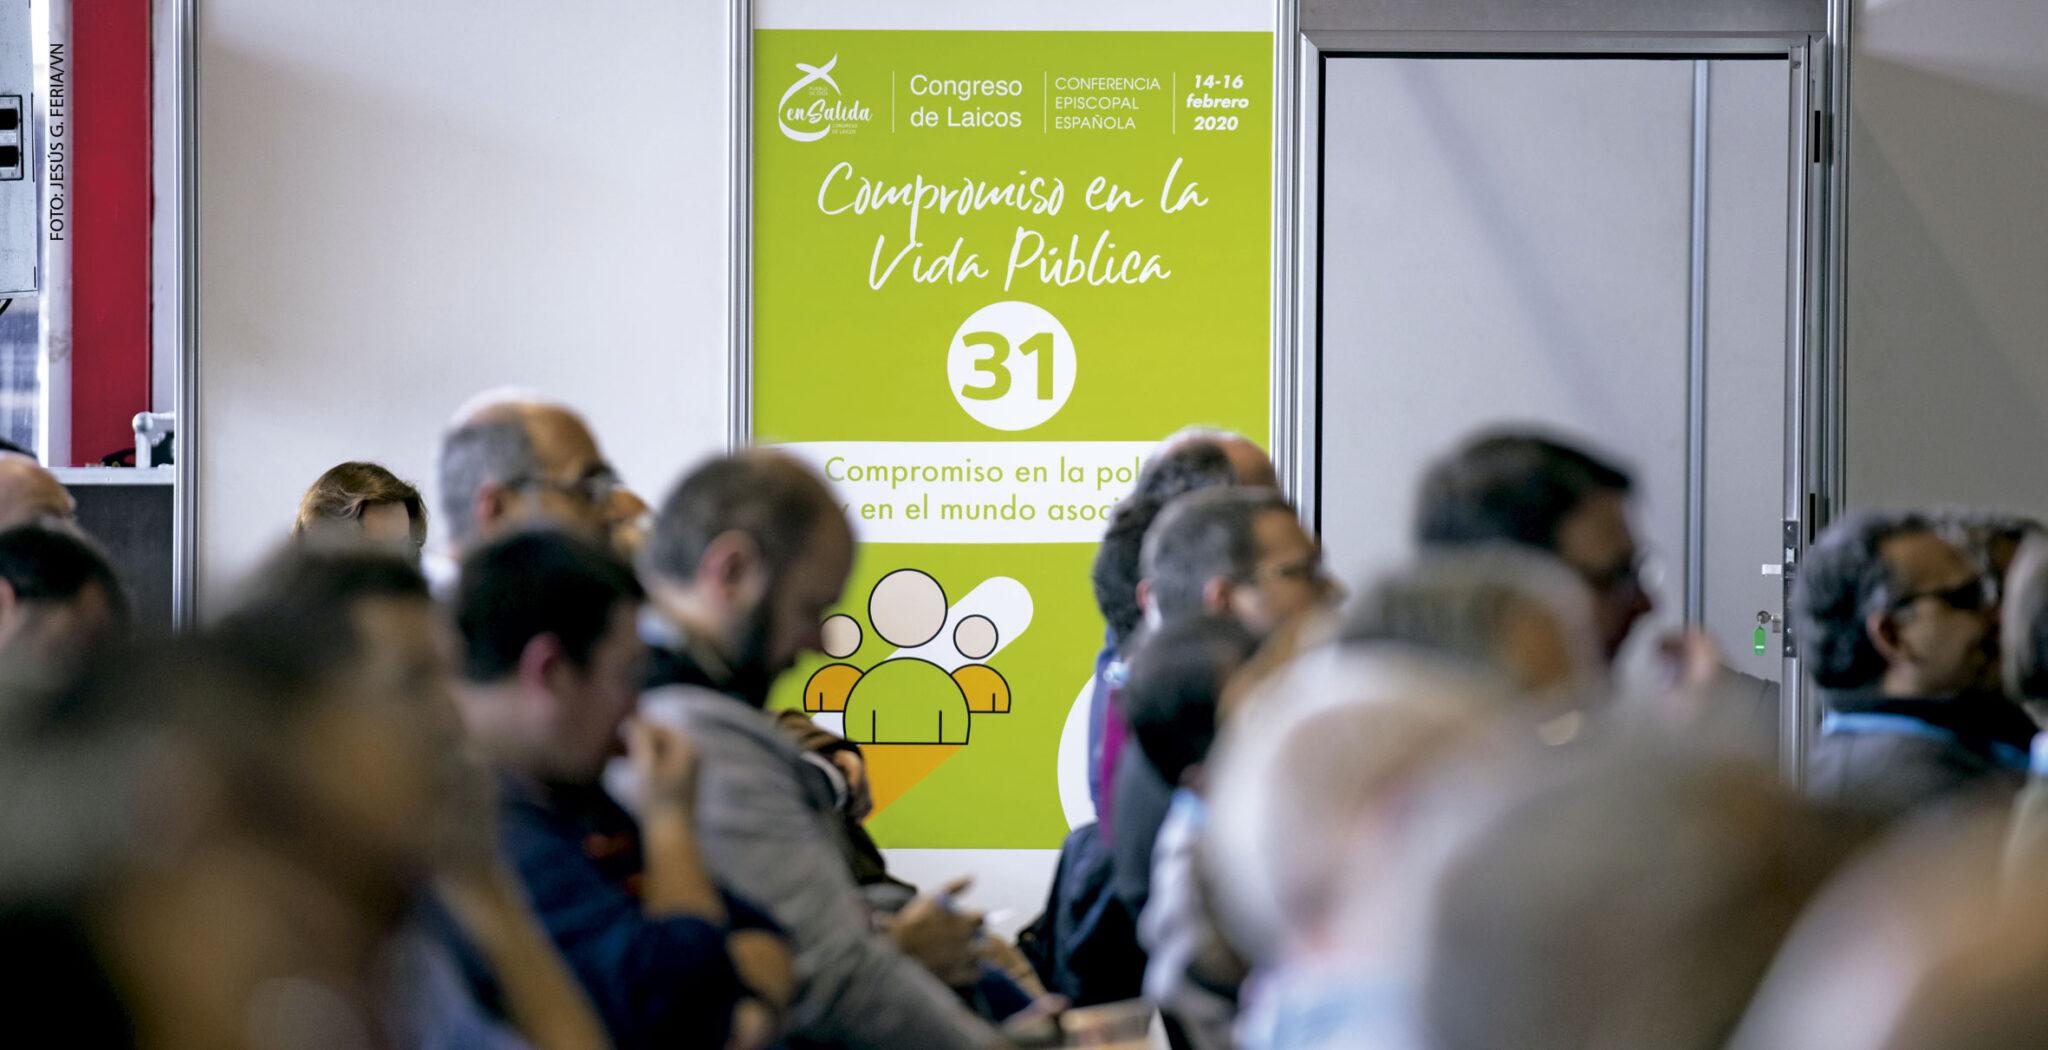 Congreso de laicos. Madrid. Febrero 2020